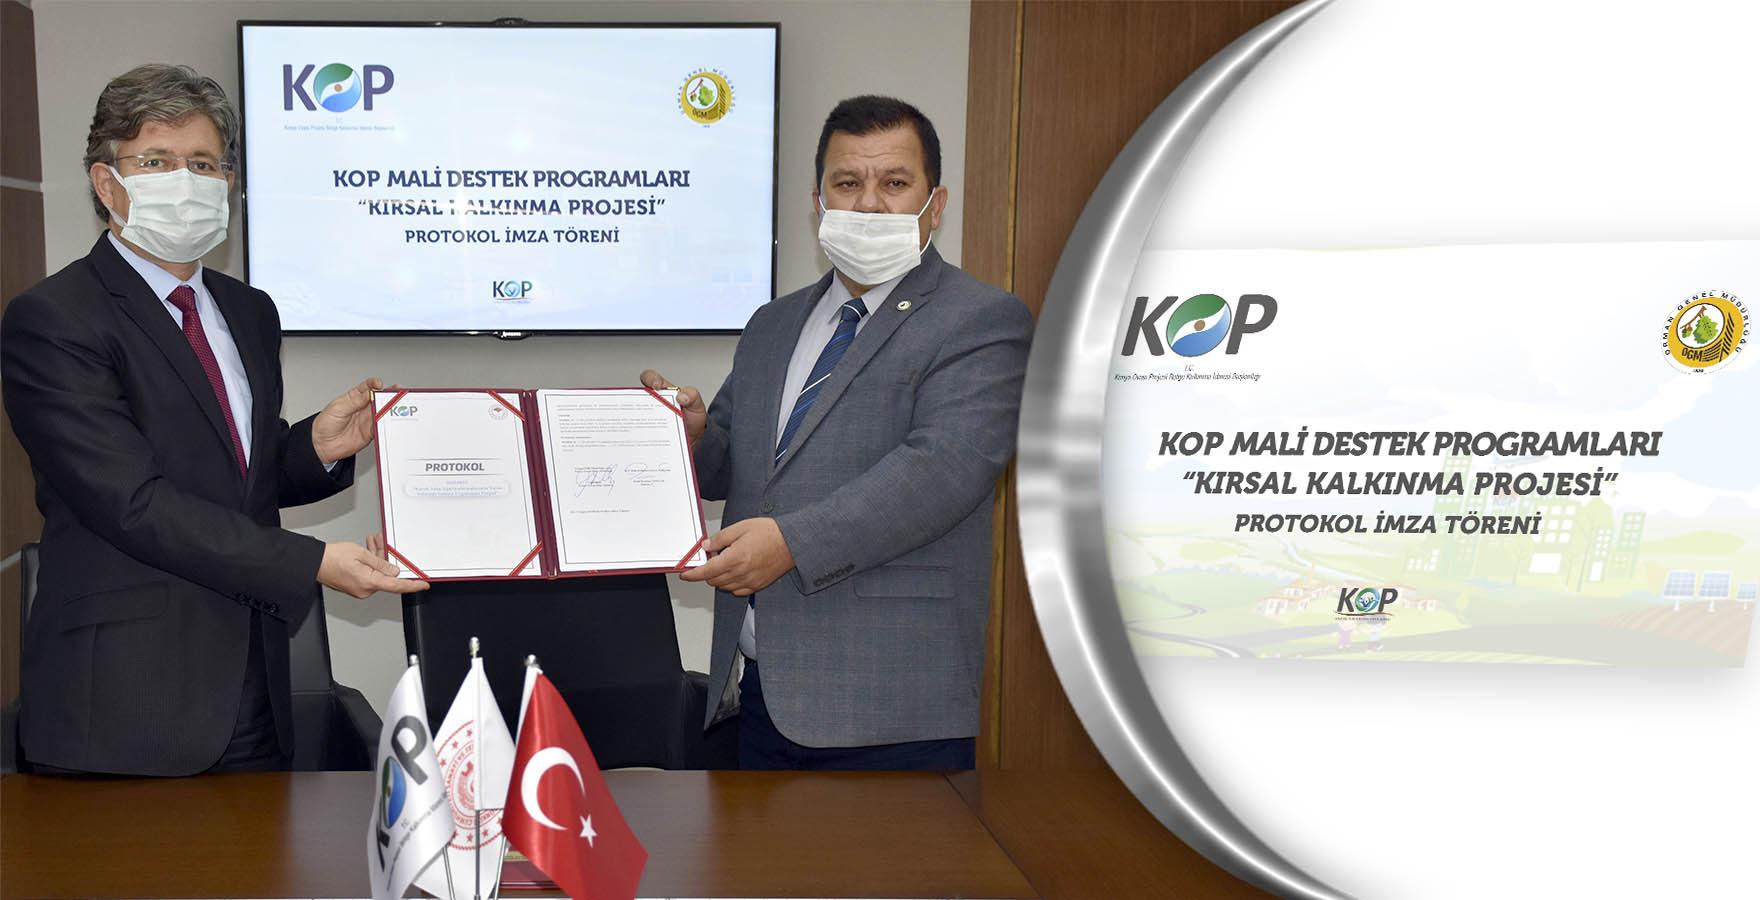 KOP ve Konya Orman Bölge Müdürlüğü İş birliği